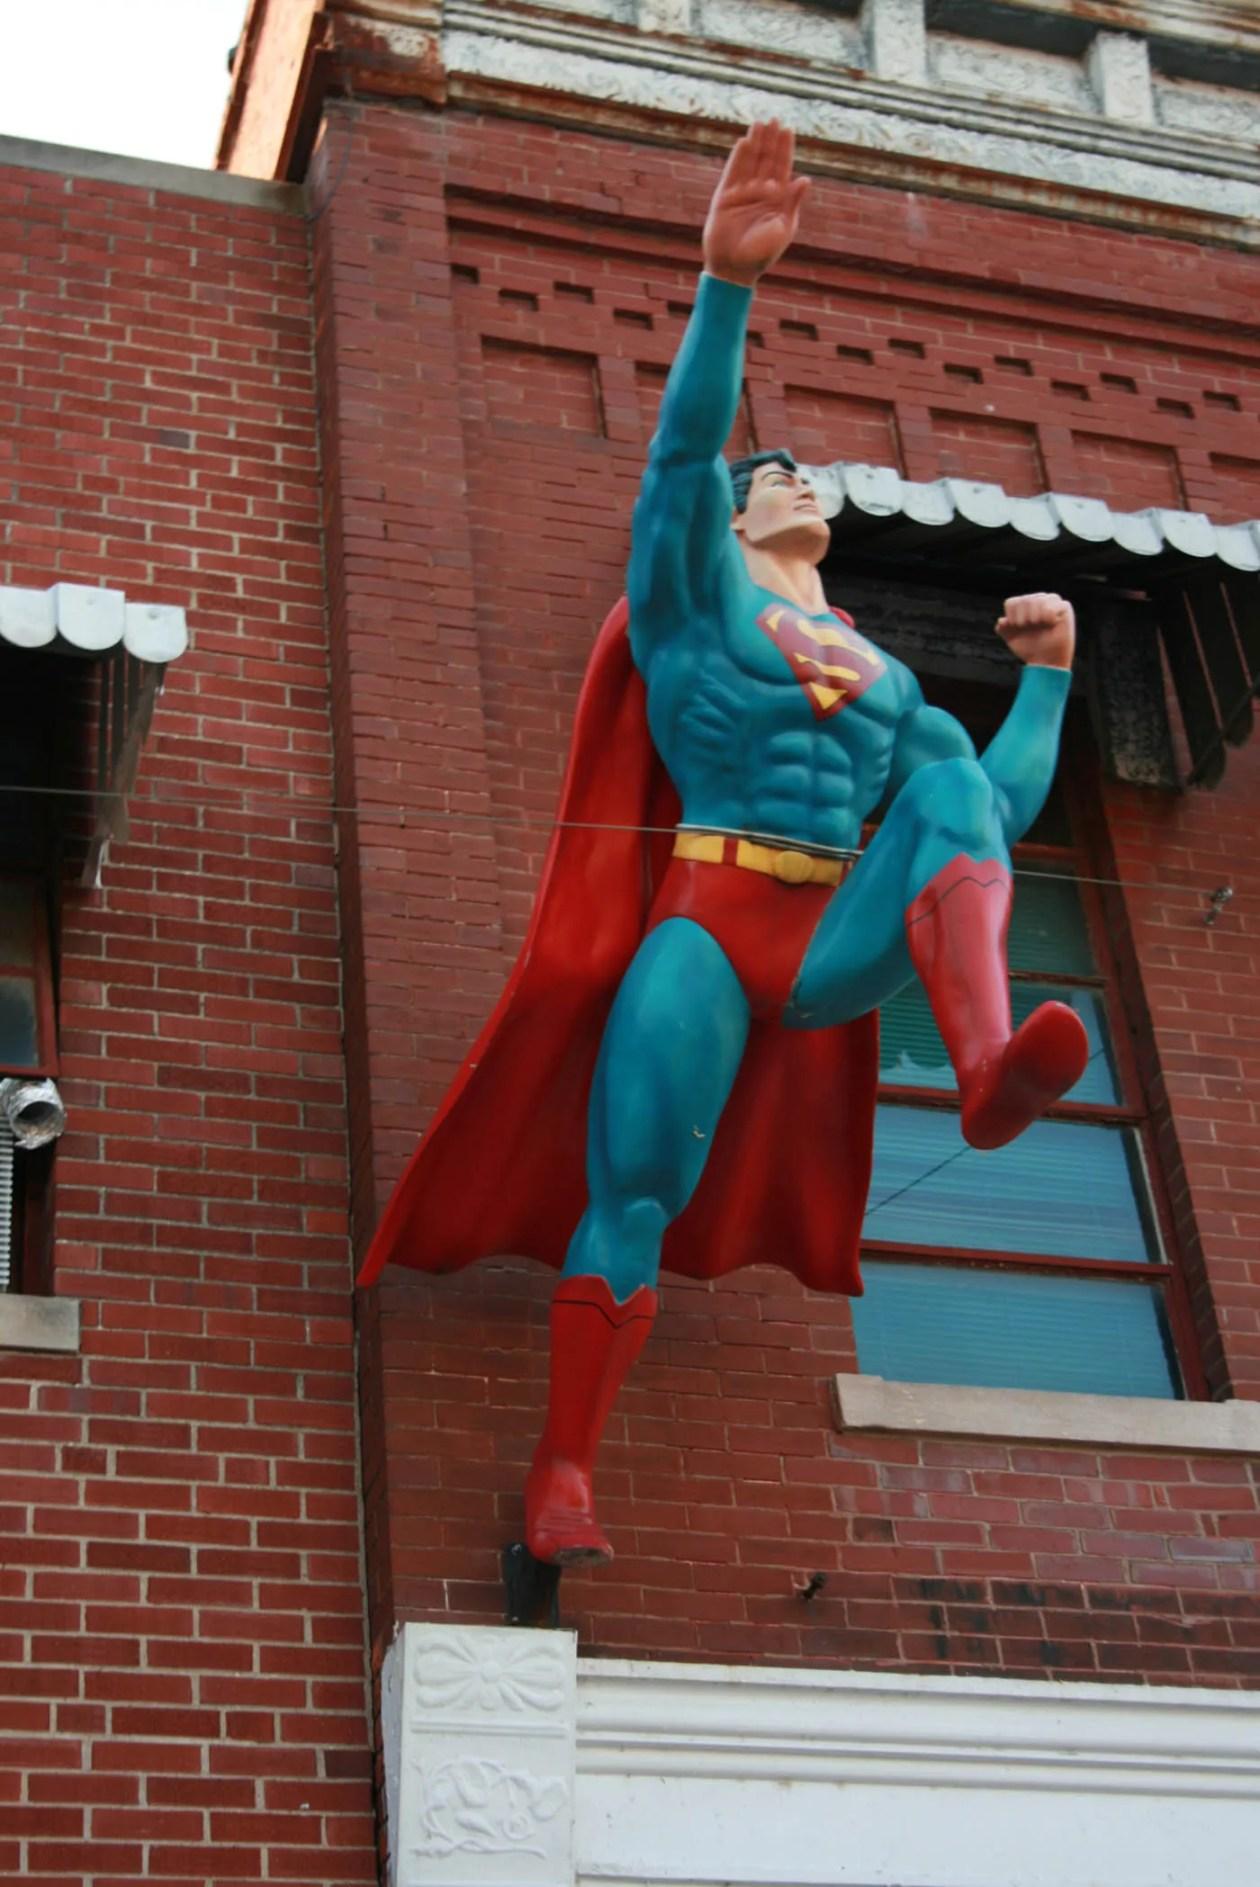 Superman statue in Superman Square in Metropolis, Illinois